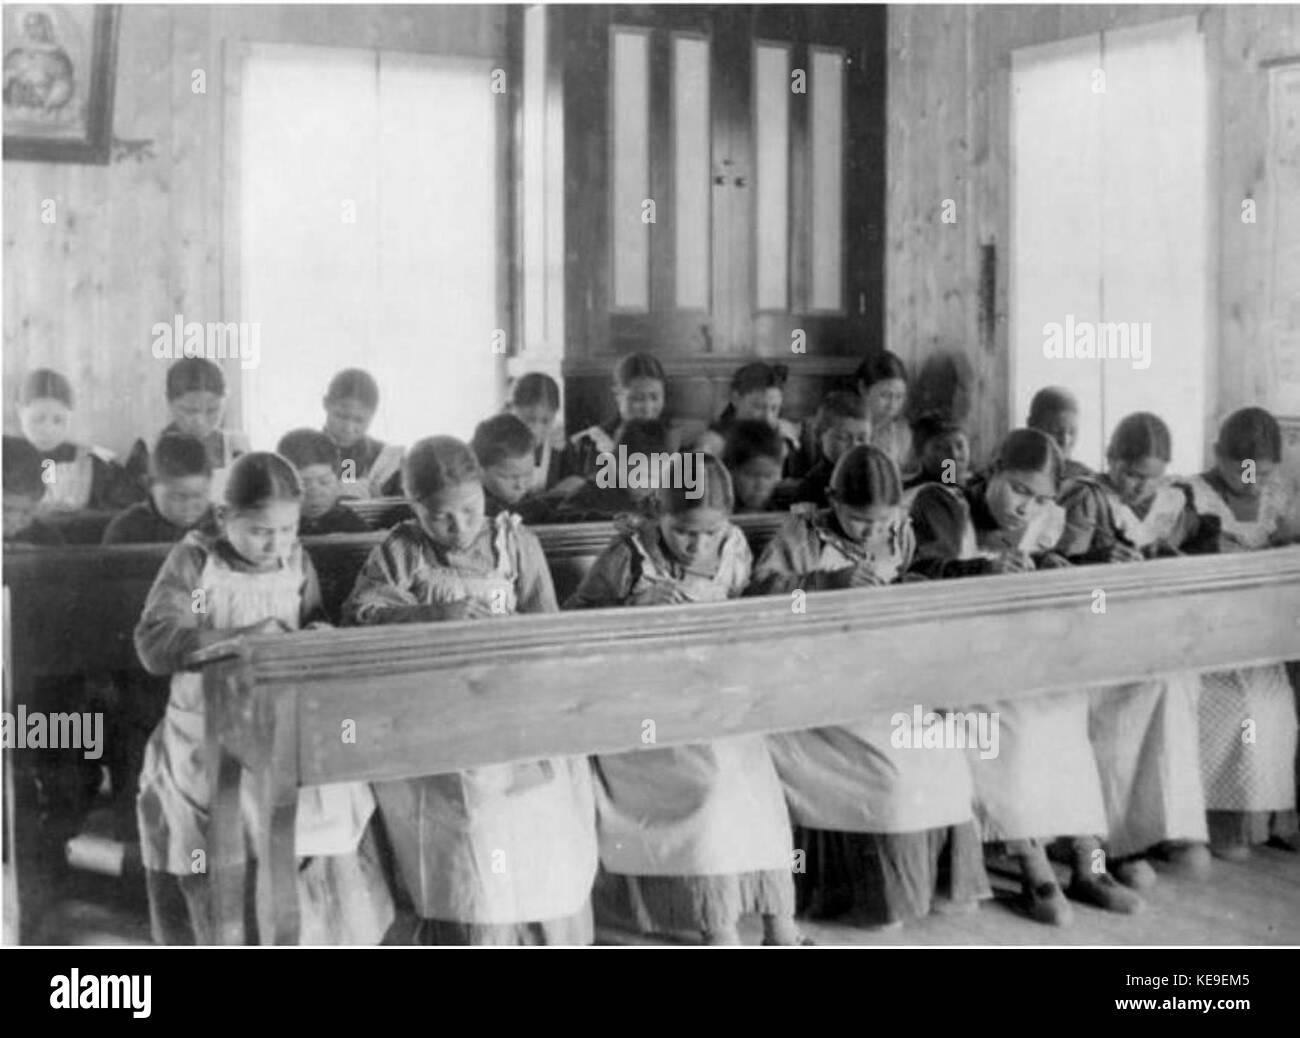 American indian boarding school photos